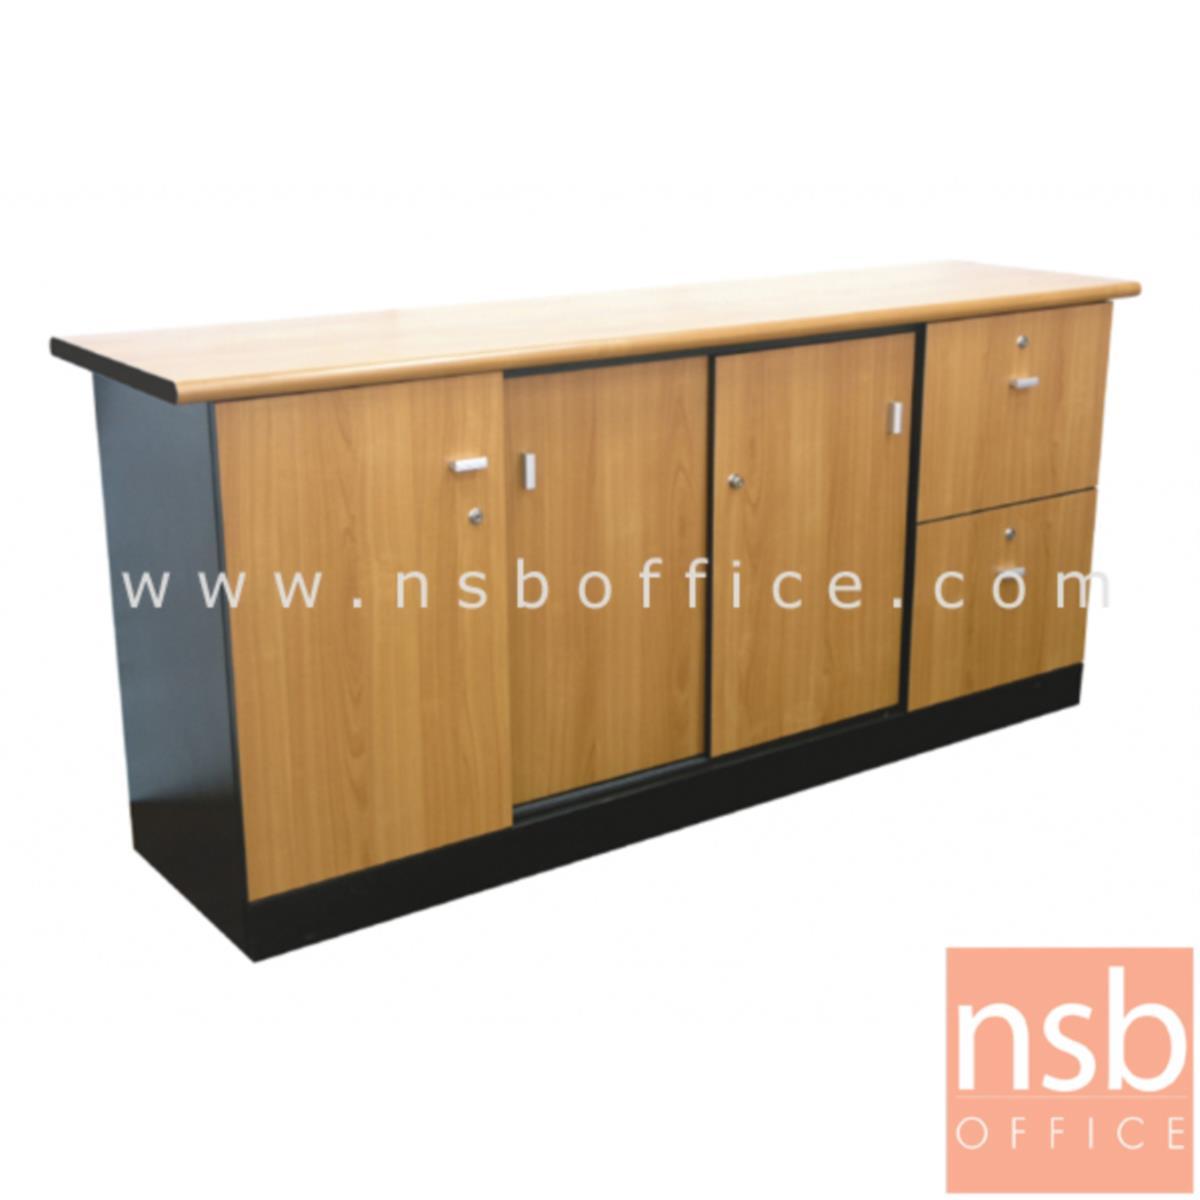 โต๊ะผู้บริหารตัวแอล  รุ่น CXE ขนาด 180W1*210W2 cm.  สีเชอร์รี่-ดำ